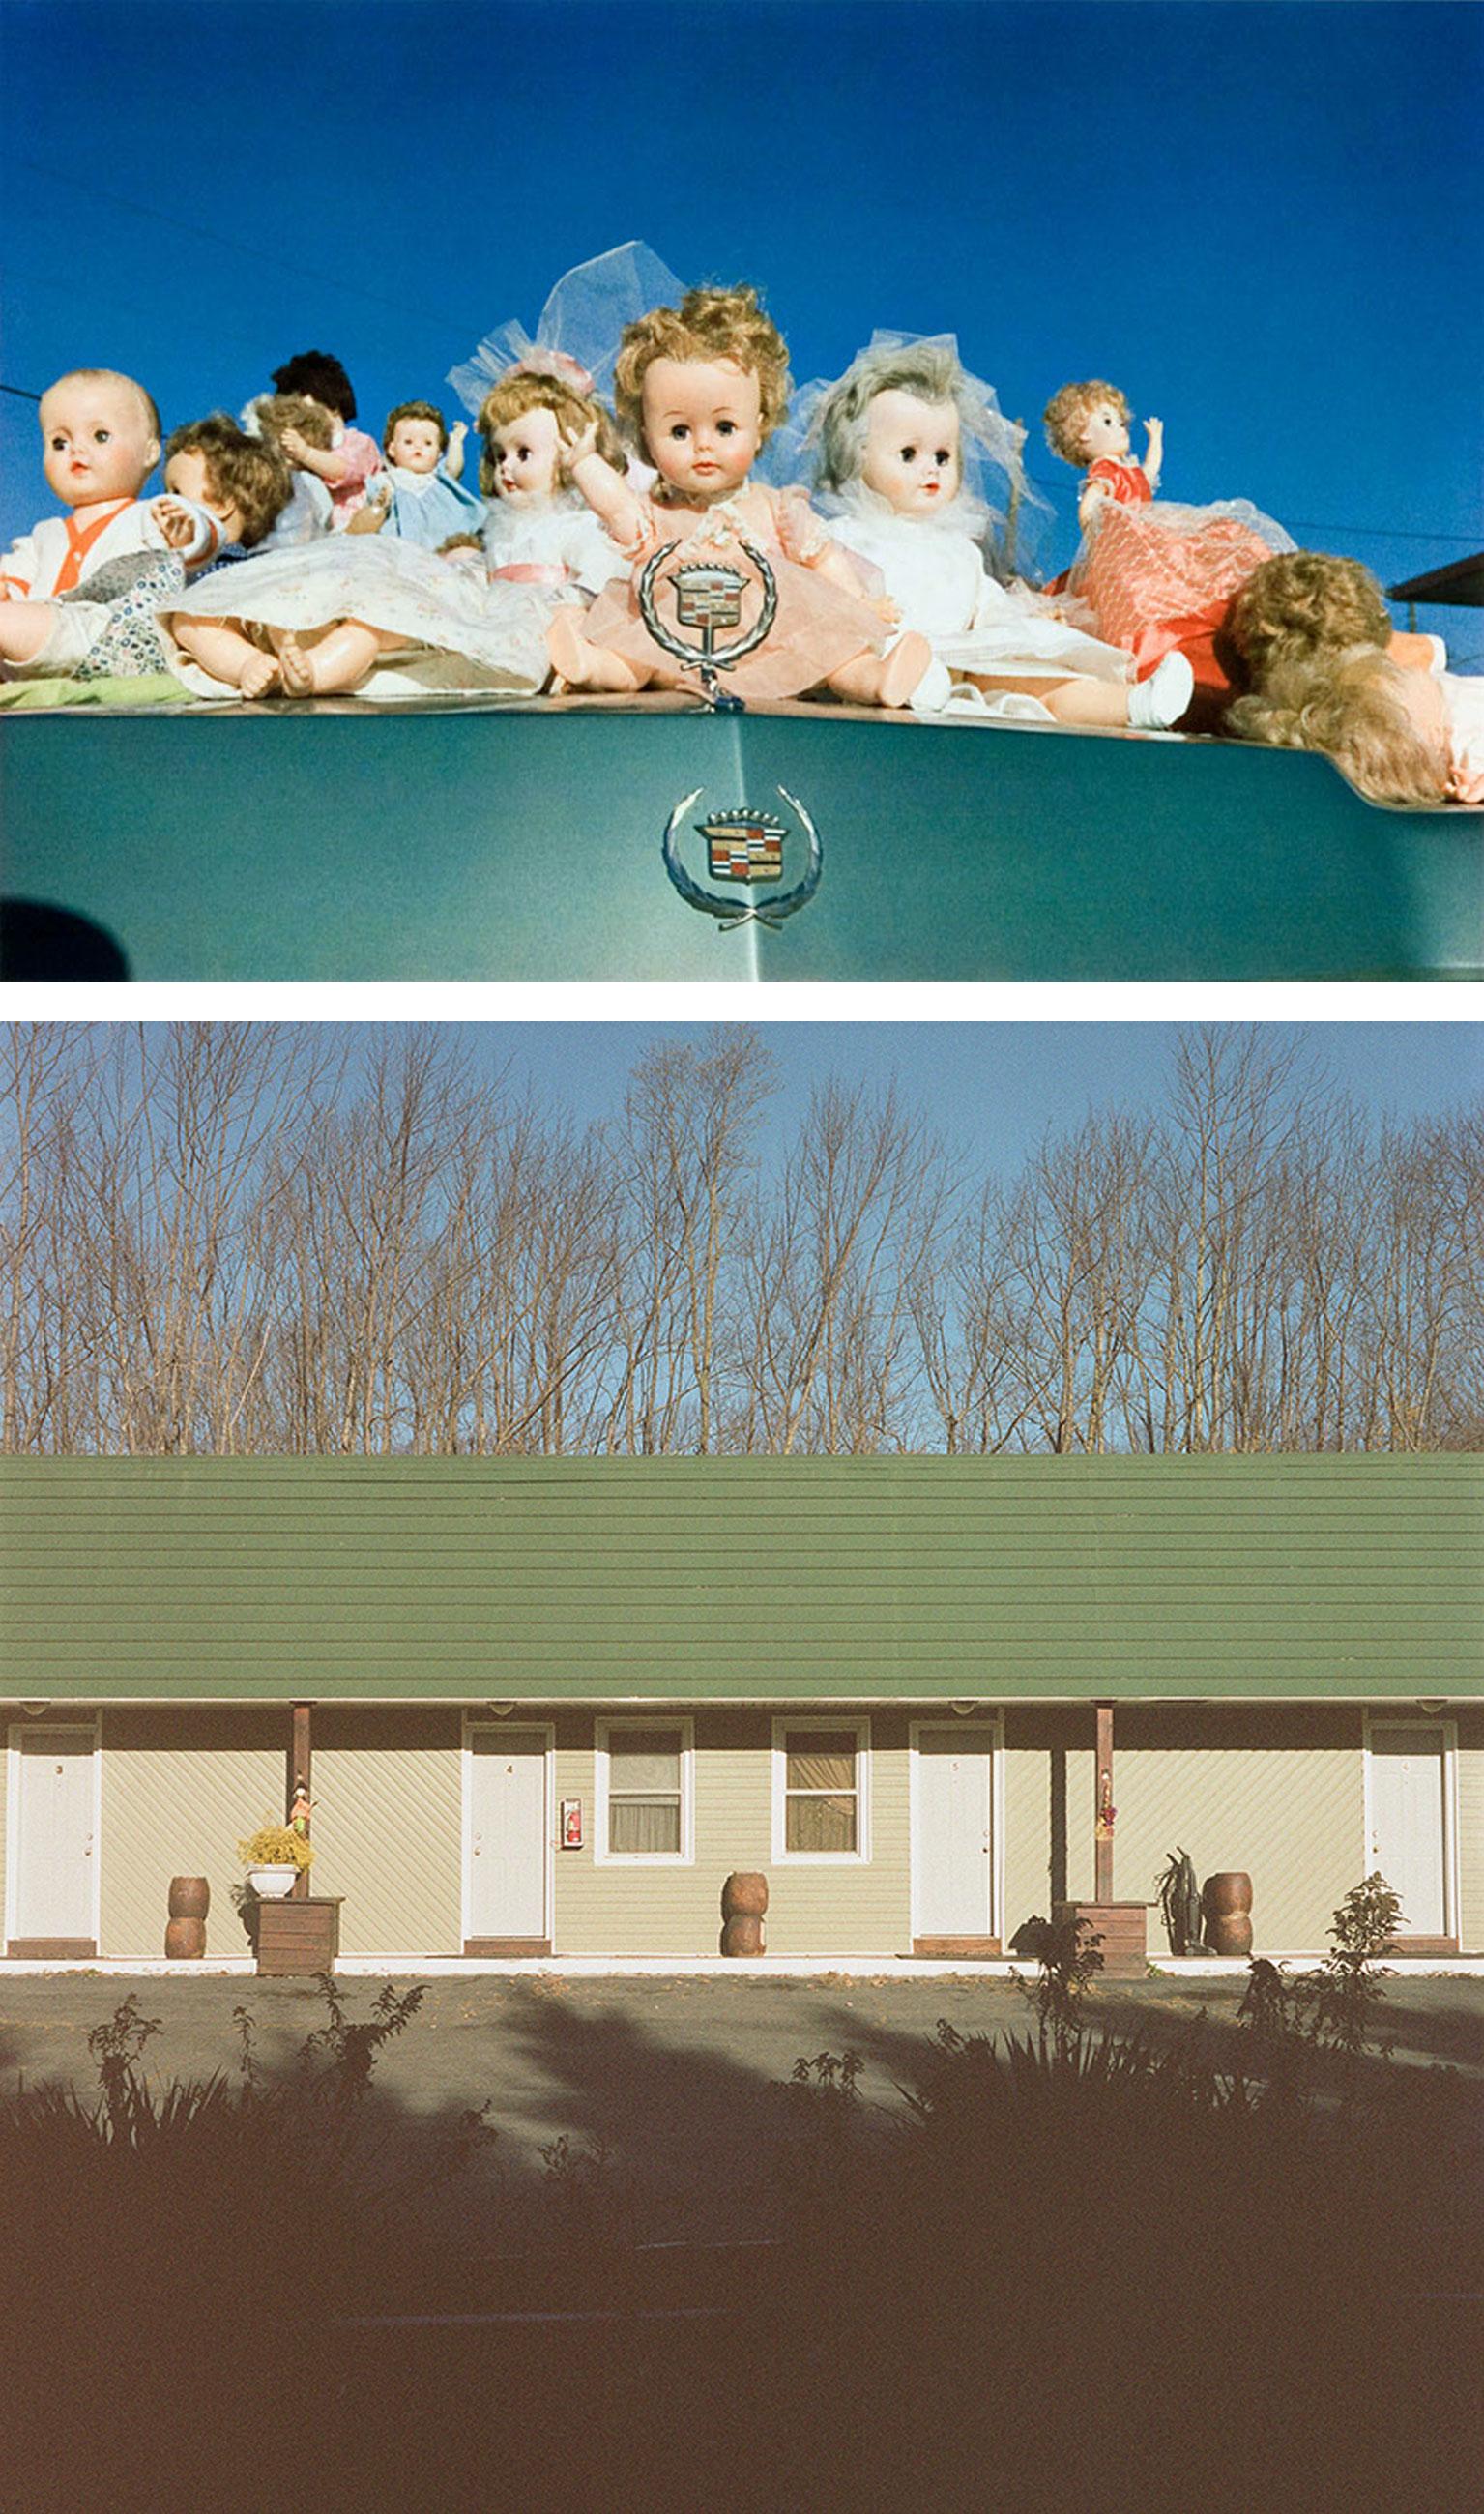 NEW LIBERTY TOWNSHIP, NY 12754 : A Paradise Nonetheless